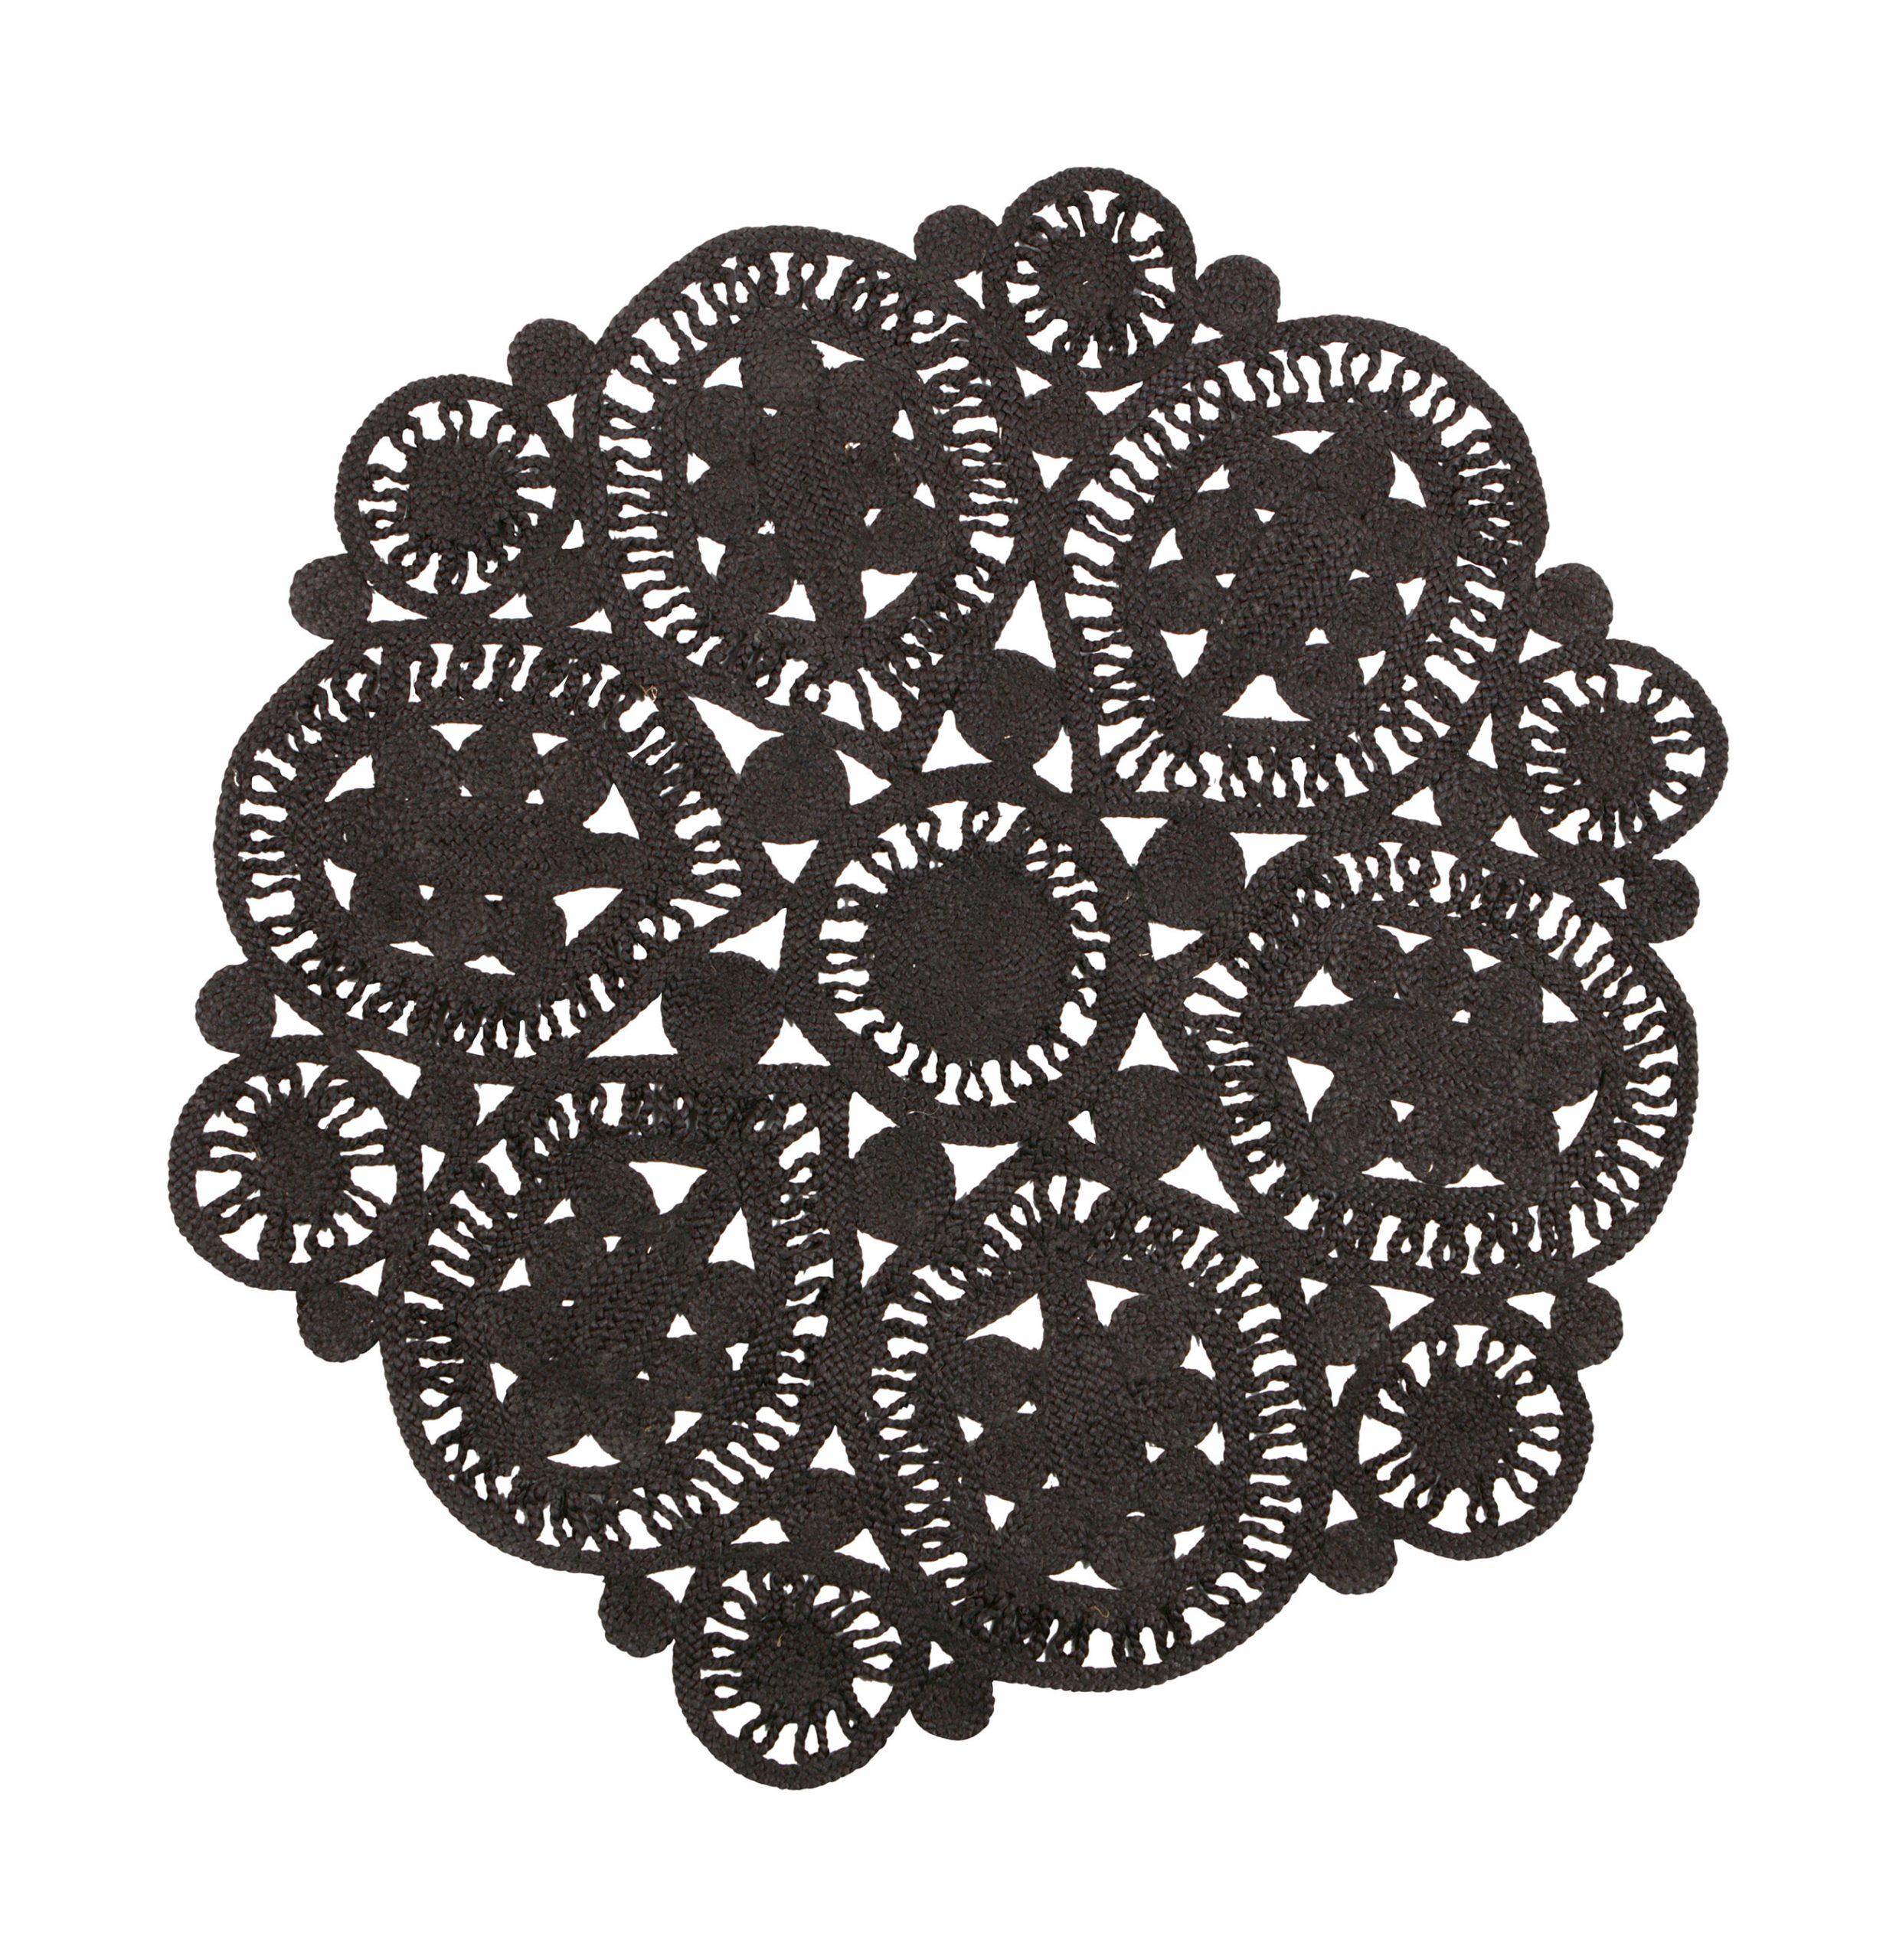 BePureHome Vloerkleed 'Coaster' 150cm, kleur Zwart | BePureHome